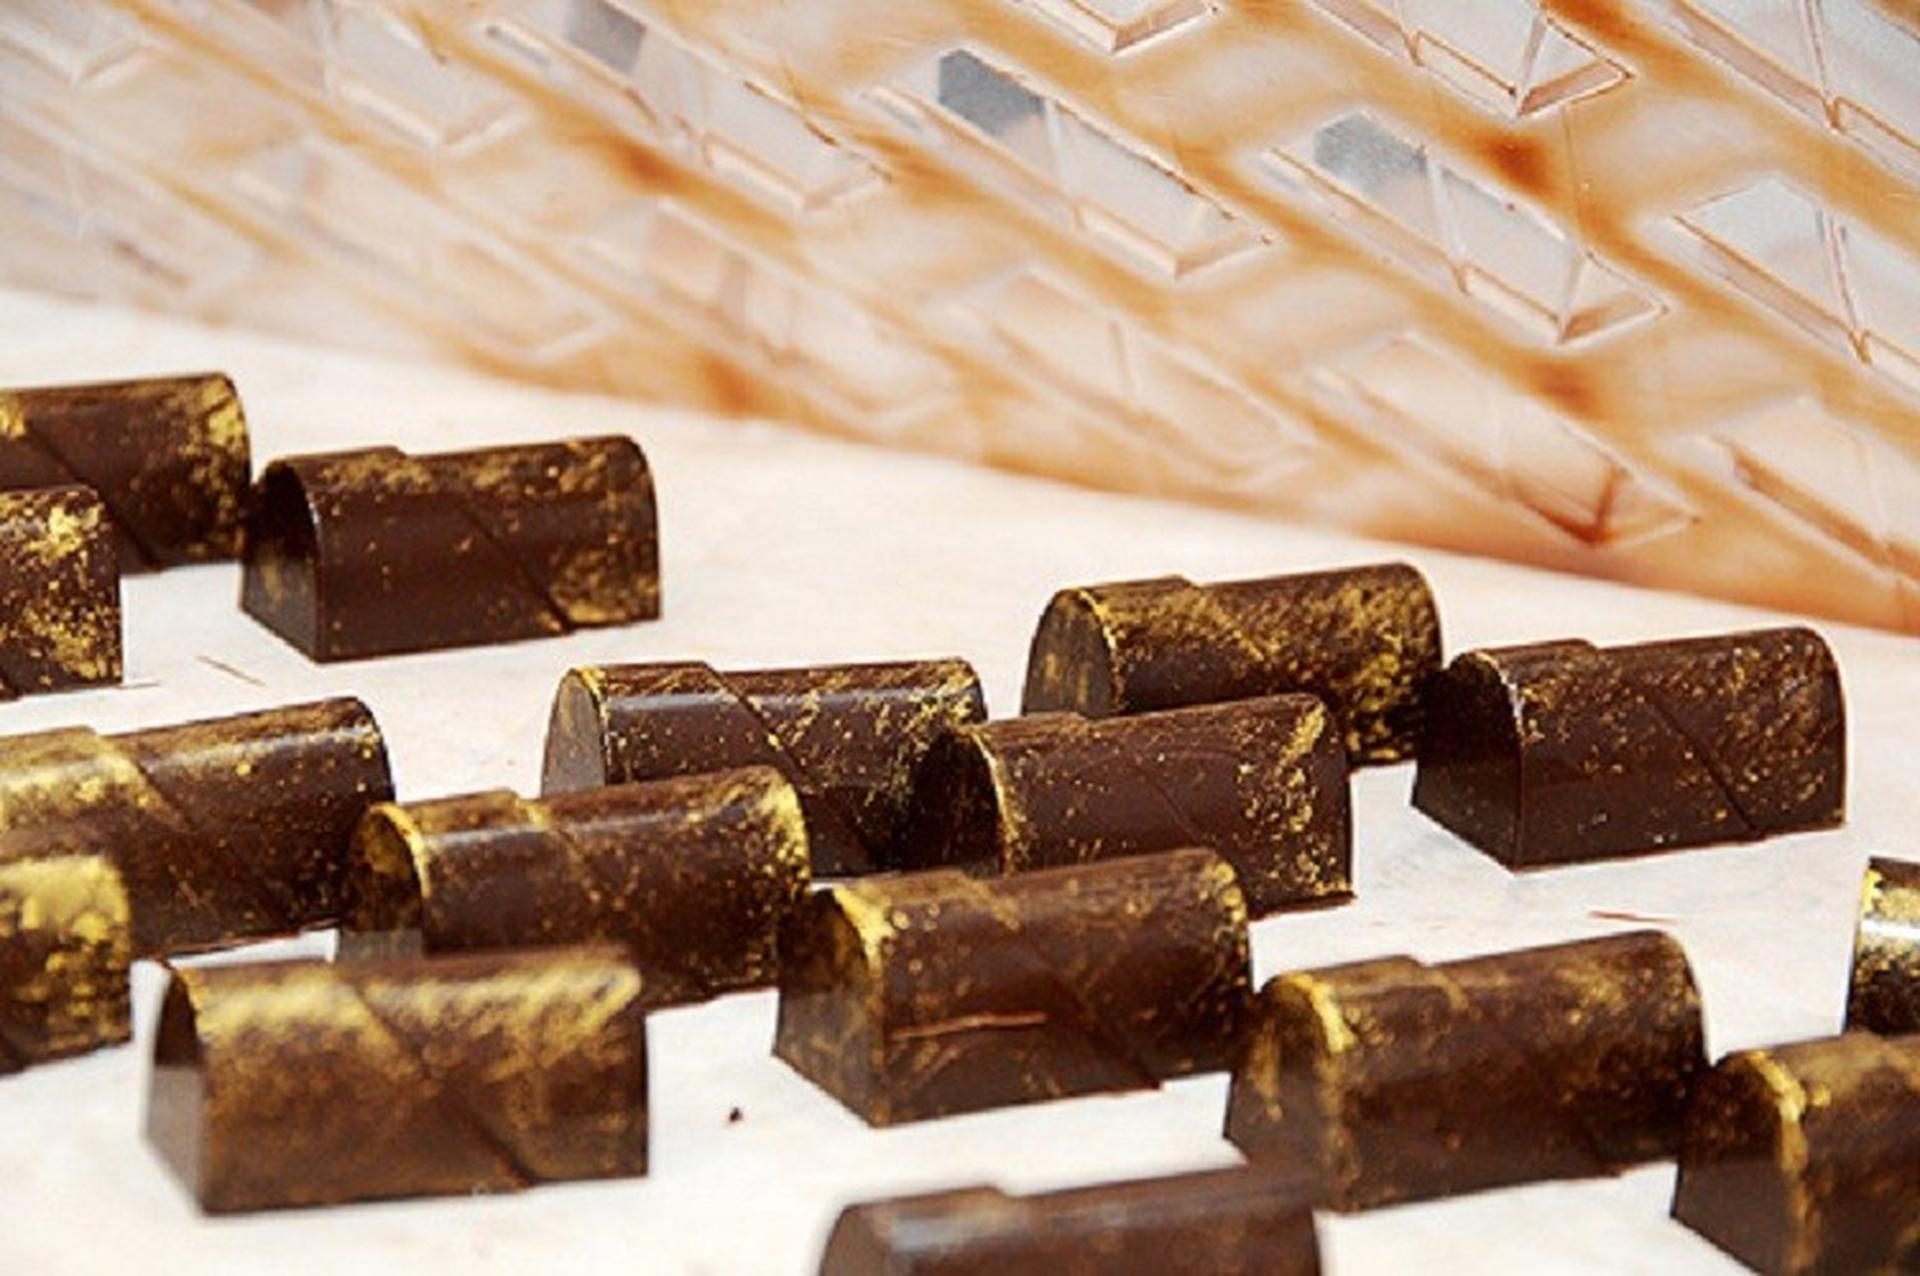 חטיפי טחינה ושוקולד של רונן אפללו. צילום: יוליה זובירצקי